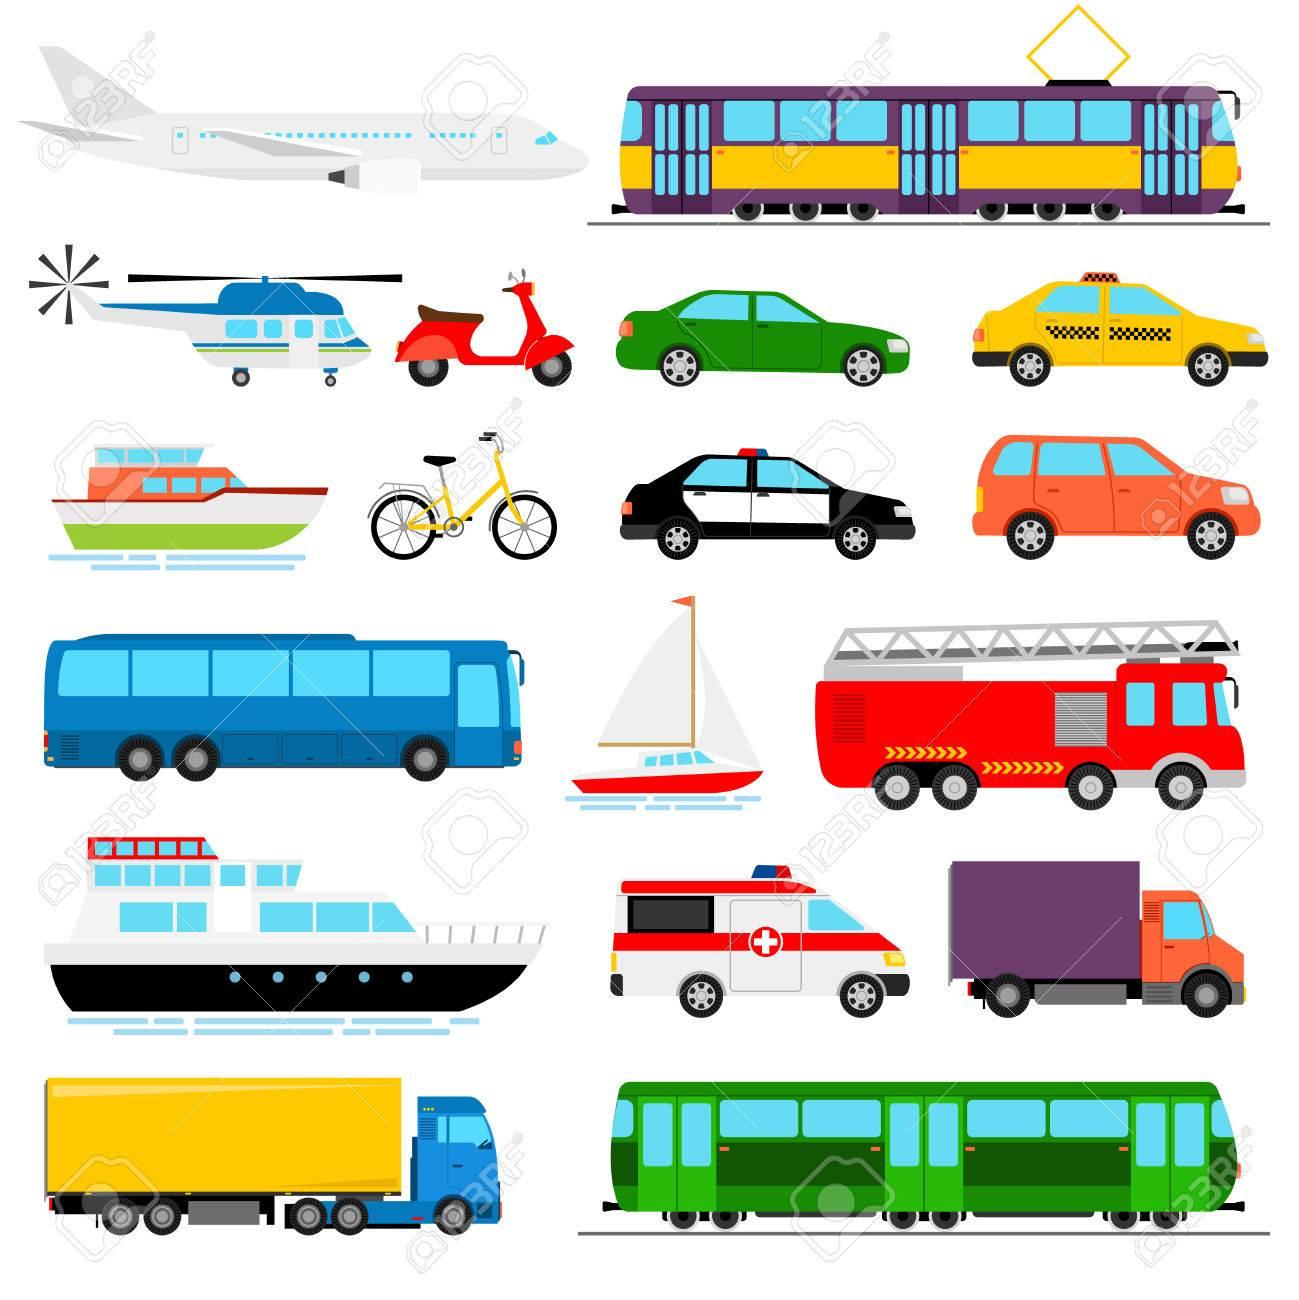 Urban transport colored vector illustration. City transportation - 73851633